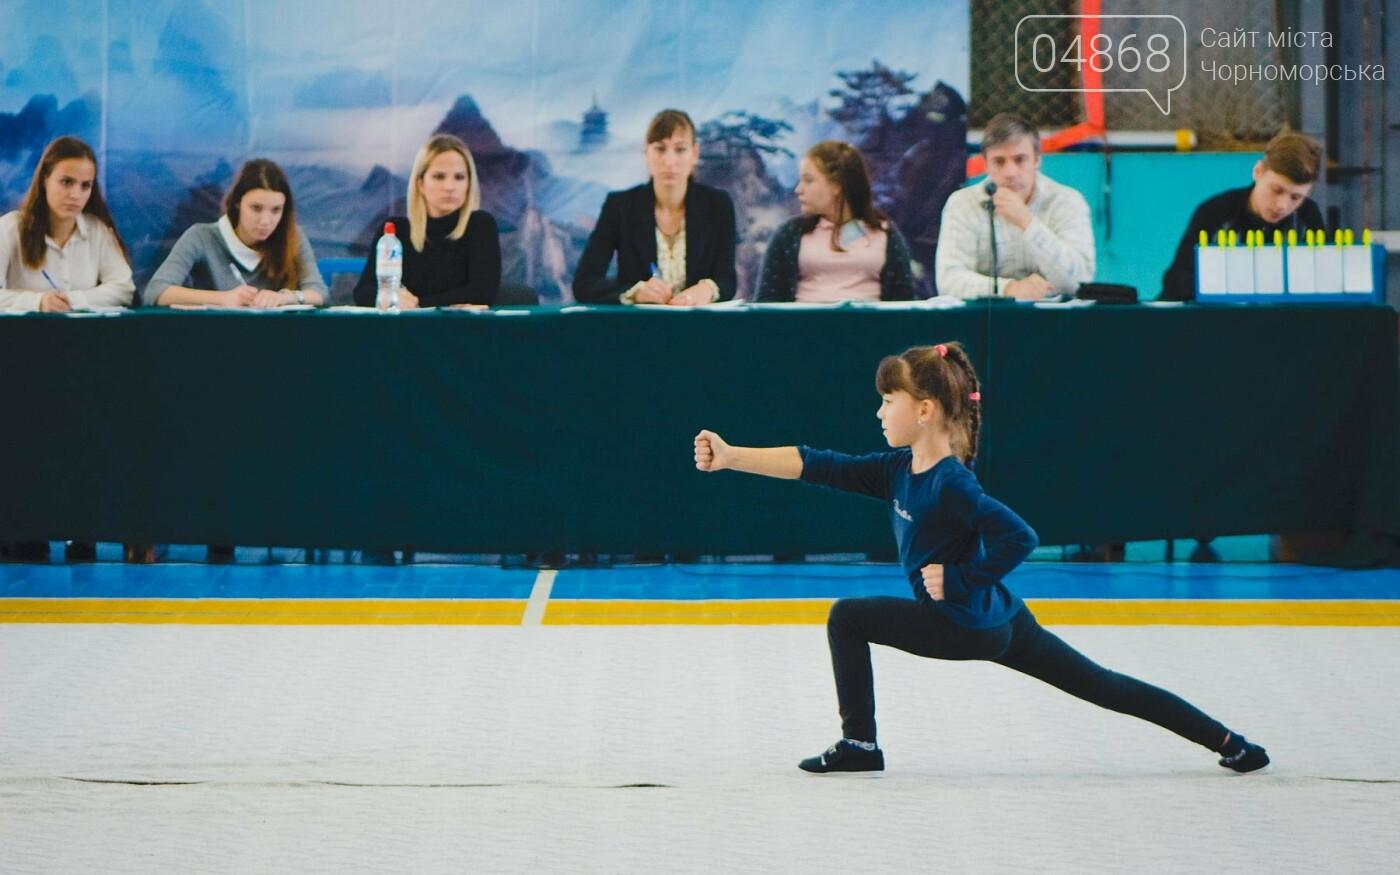 В Черноморске прошли соревнования по ушу, фото-3